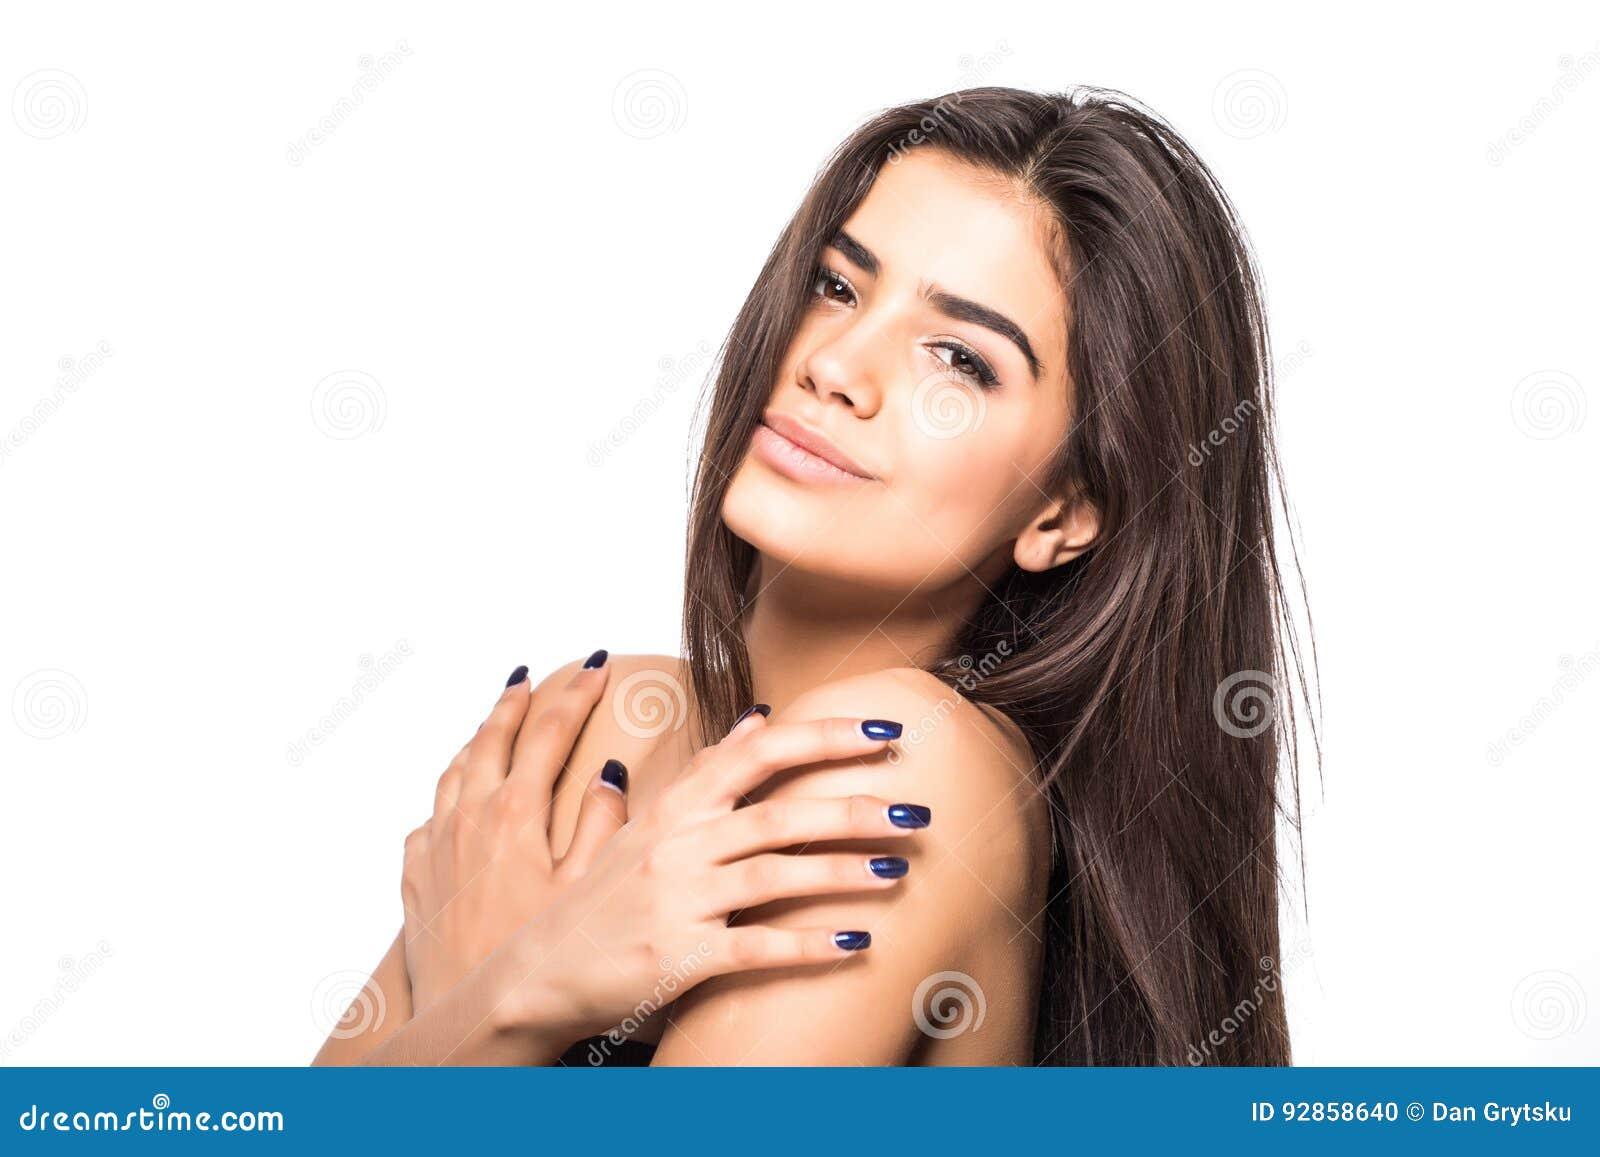 Όμορφη νέα γυναίκα με το καθαρό φρέσκο πρόσωπο αφής δερμάτων Του προσώπου επεξεργασία Cosmetology, ομορφιά και SPA